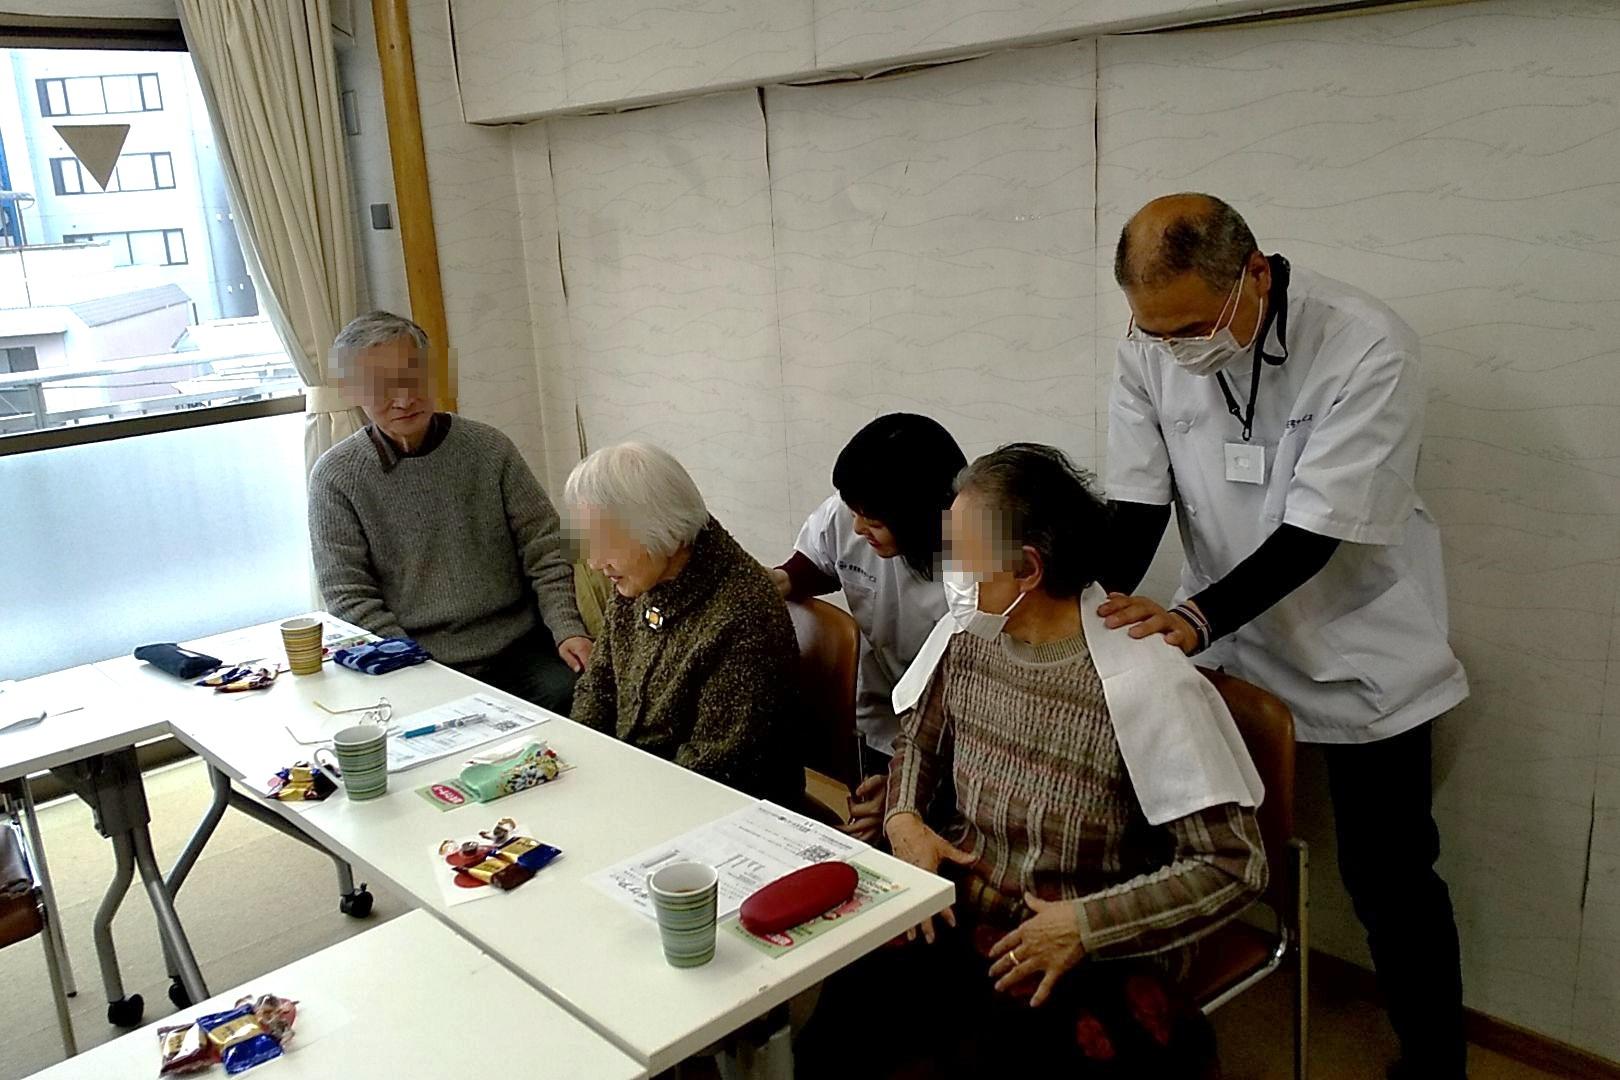 中野区 訪問マッサージ 東京在宅サービスの研修会活動/やよいの園家族介護教室